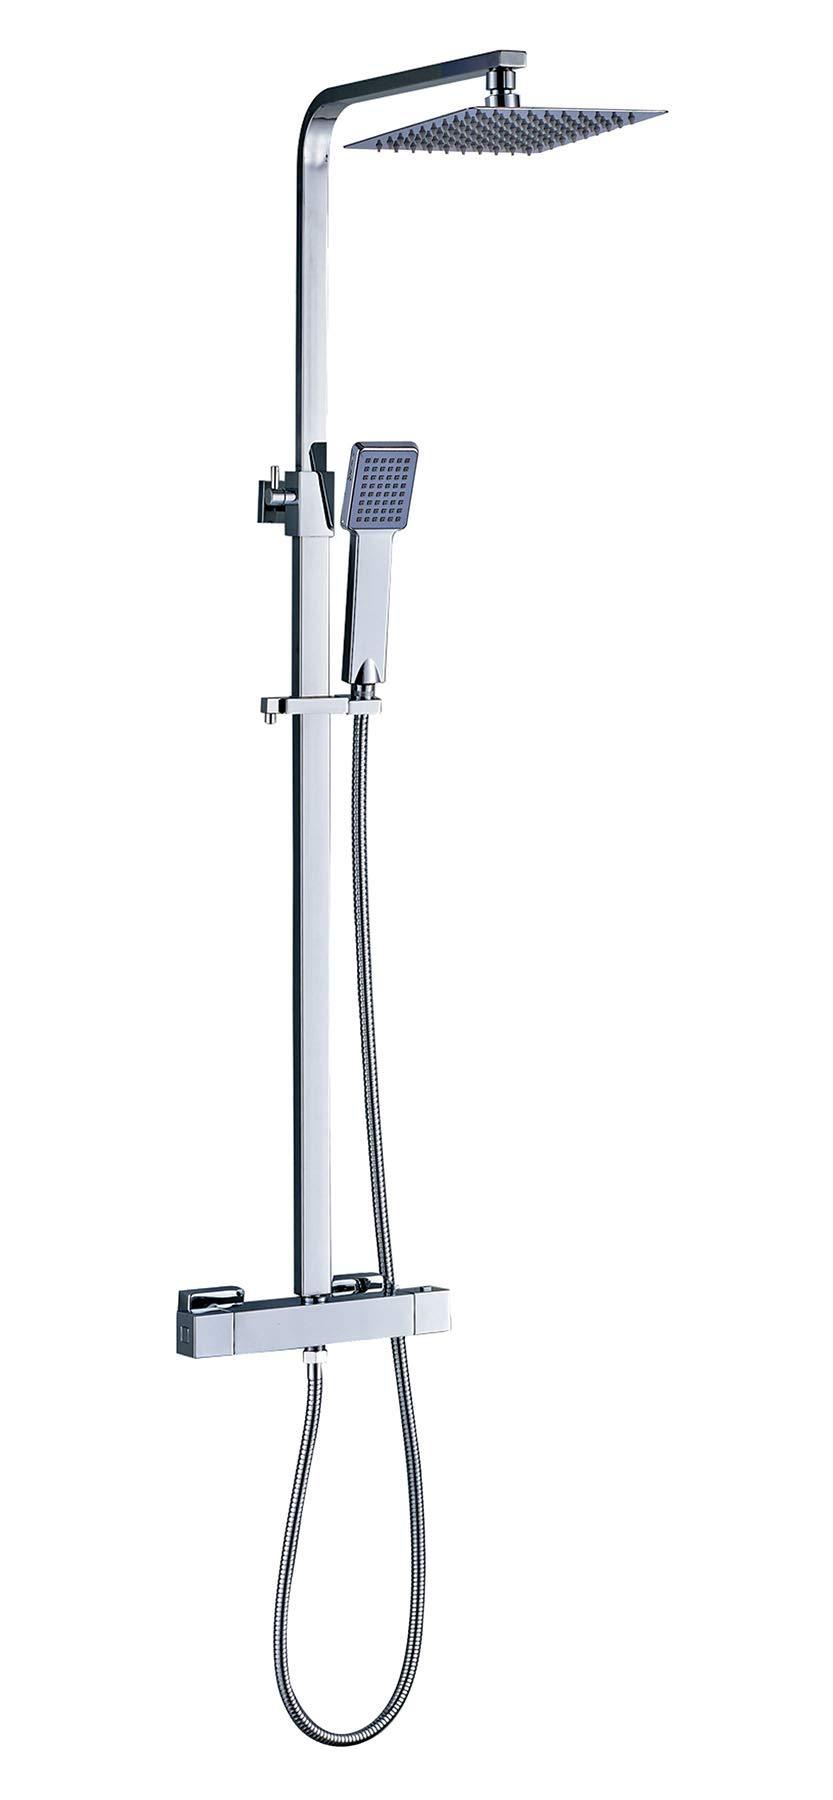 OXEN 120704 – Columna de ducha termostática (extra plana)